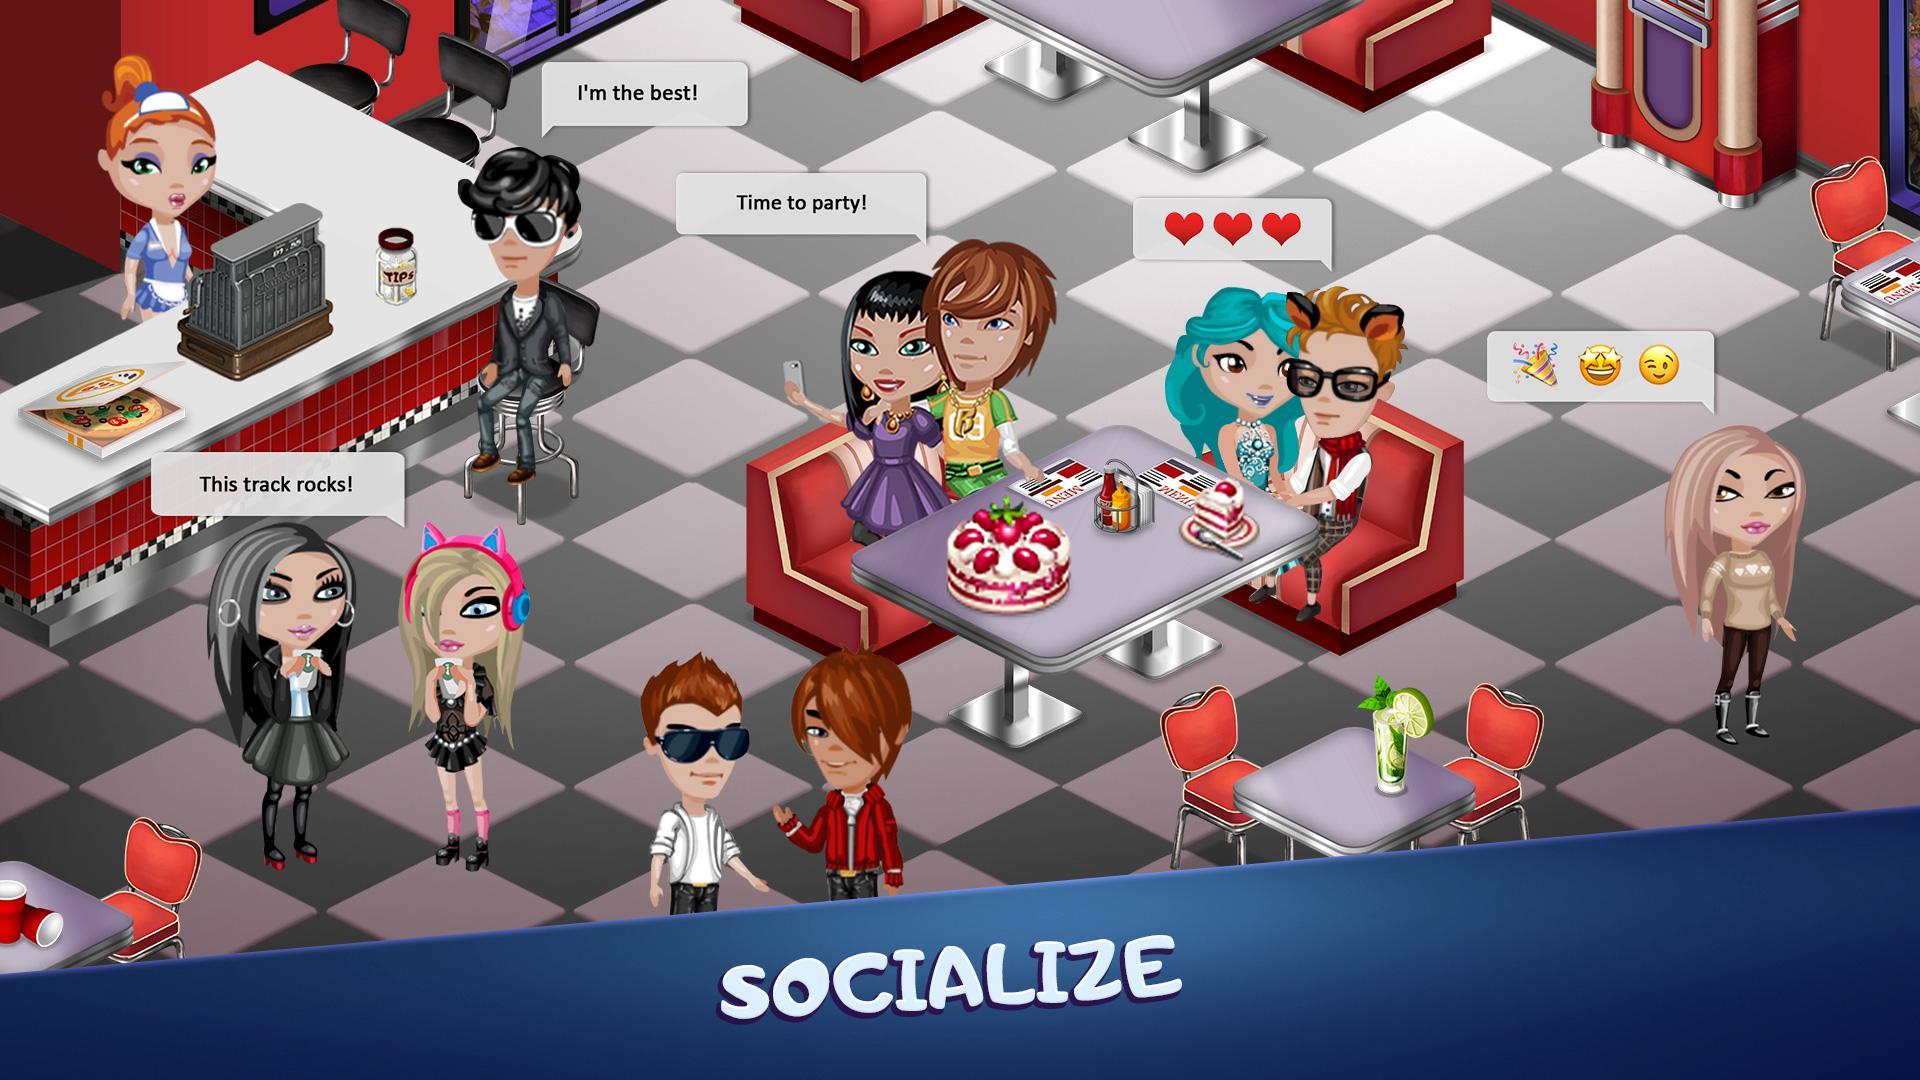 Avatar Life - fun, love & games in virtual world! APK 3.30